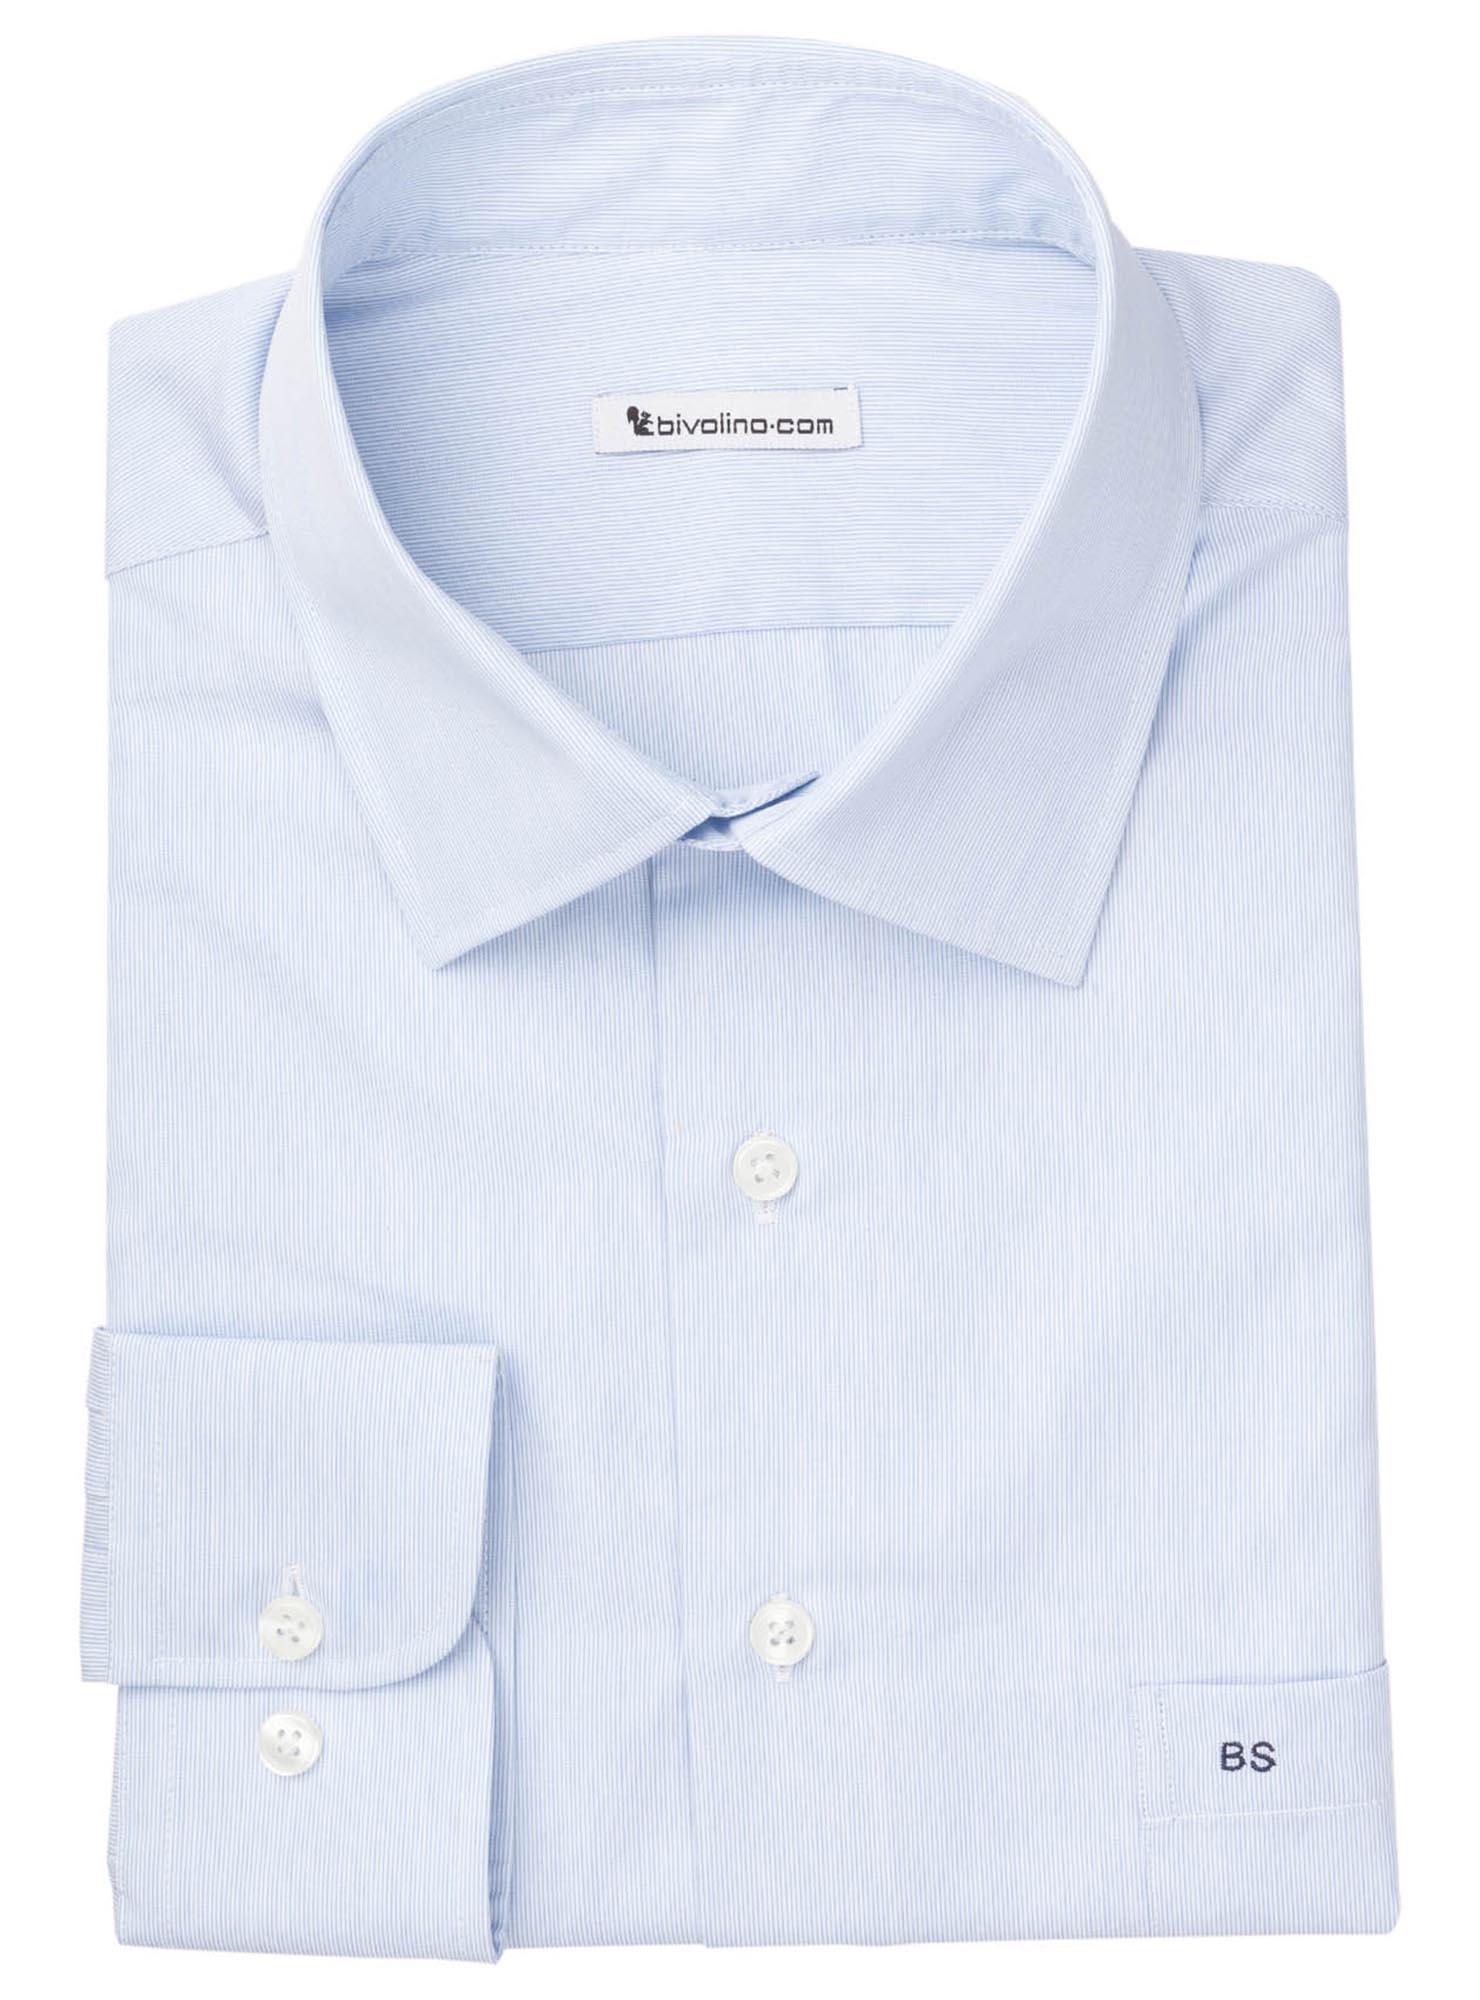 VERGIANO - Männerhemden Baumwolle  Milleraie- DORCA 5